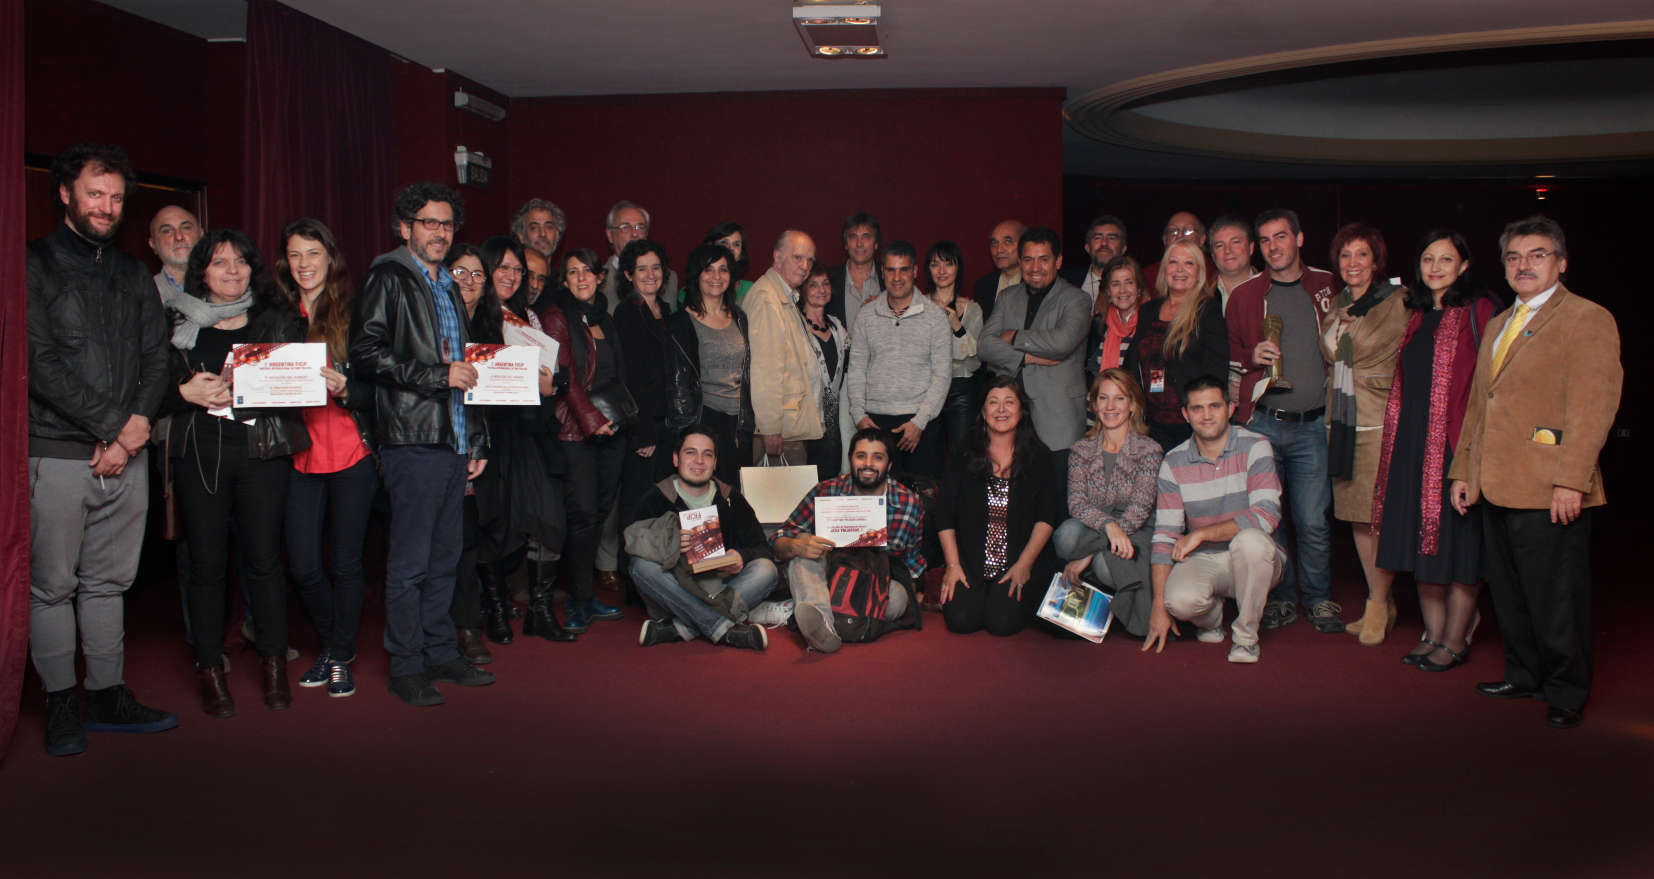 Argentina FICiP 2015 Premiacion Foto general